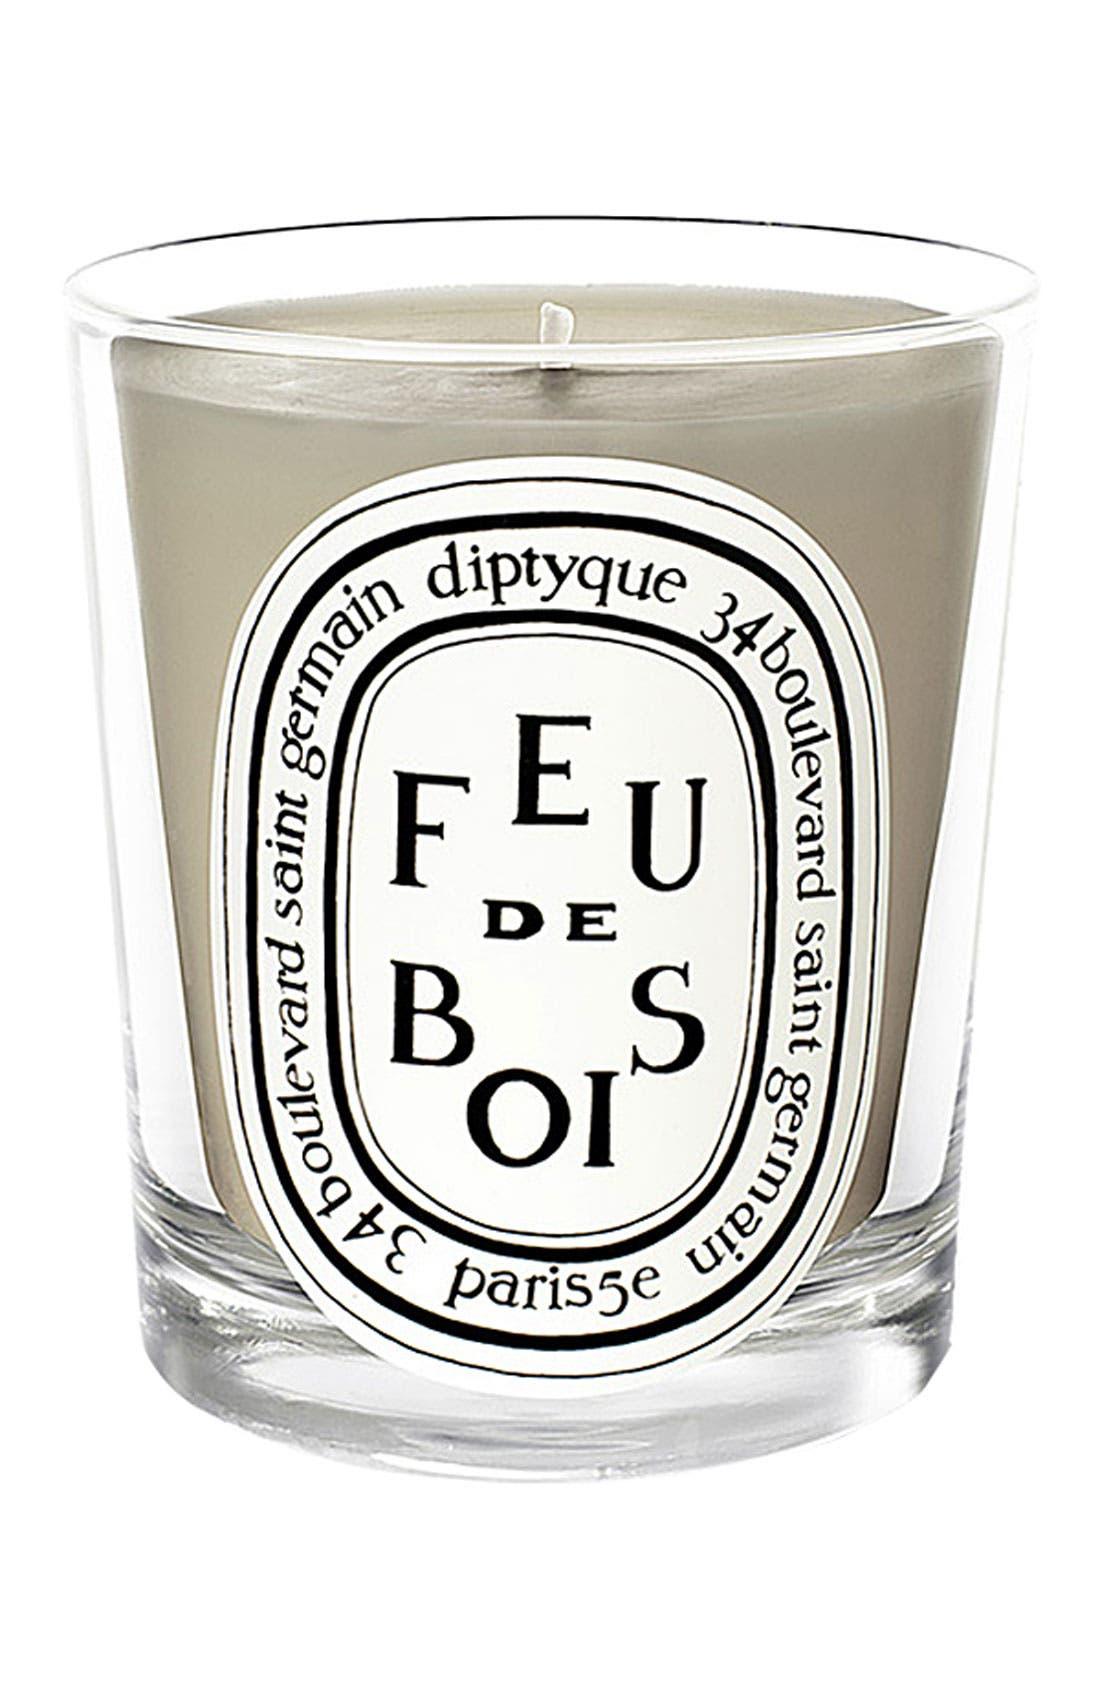 Feu de Bois/Wood Fire Scented Candle, Main, color, NO COLOR